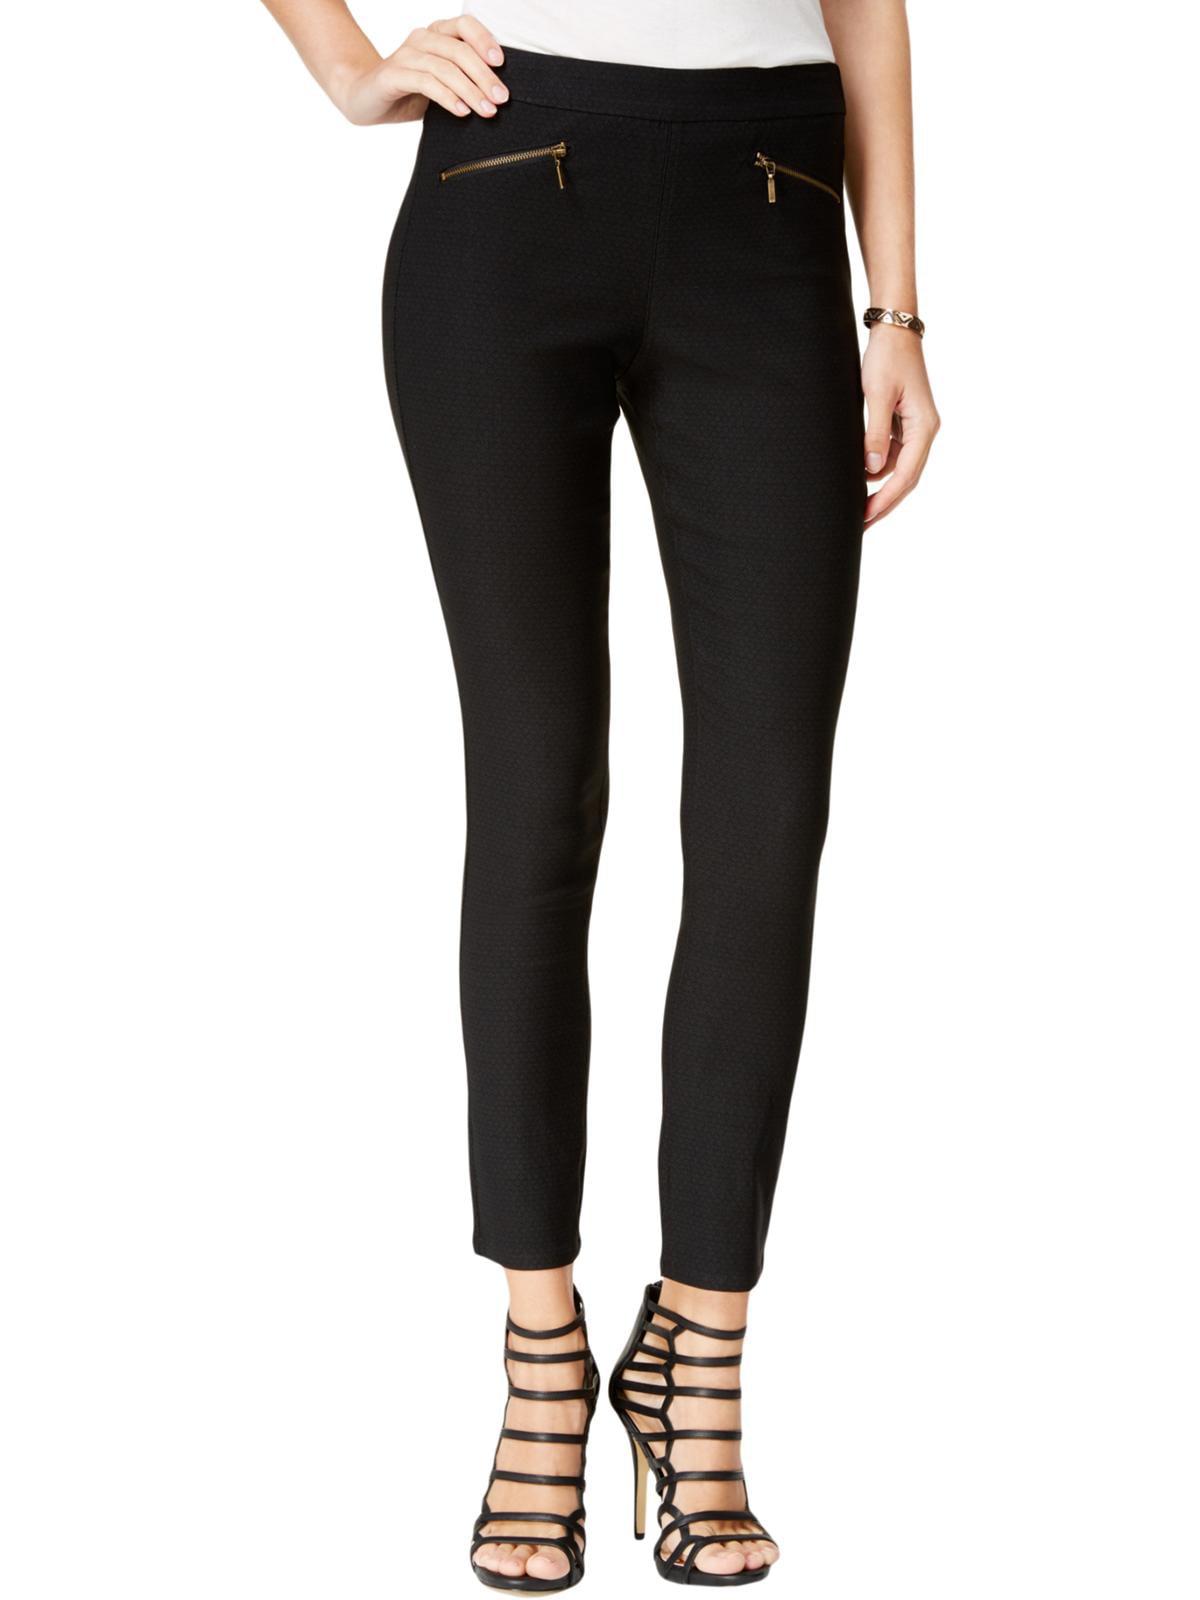 XOXO Womens Juniors Zip-Pocket Day-To-Night Pants